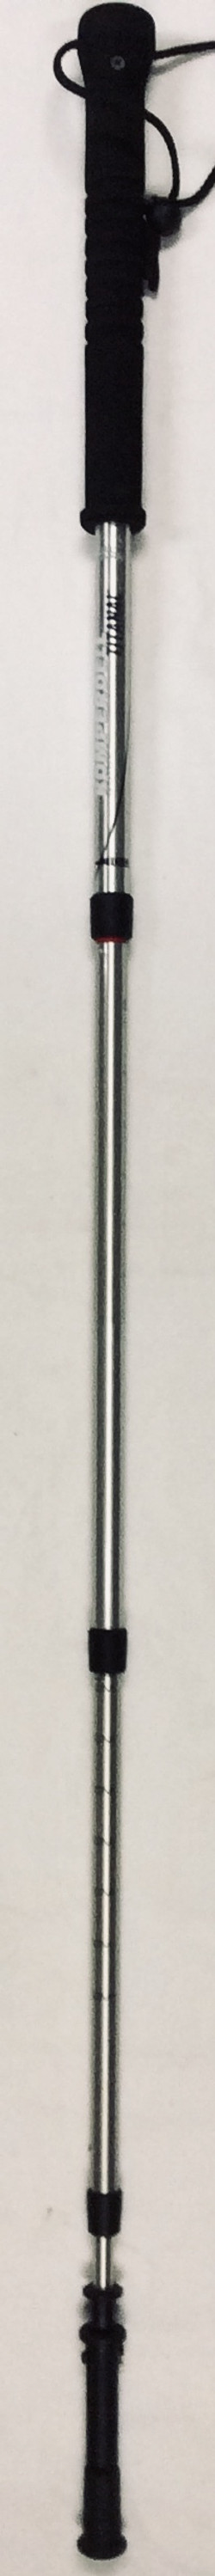 KOMPERDELL Stainless steel